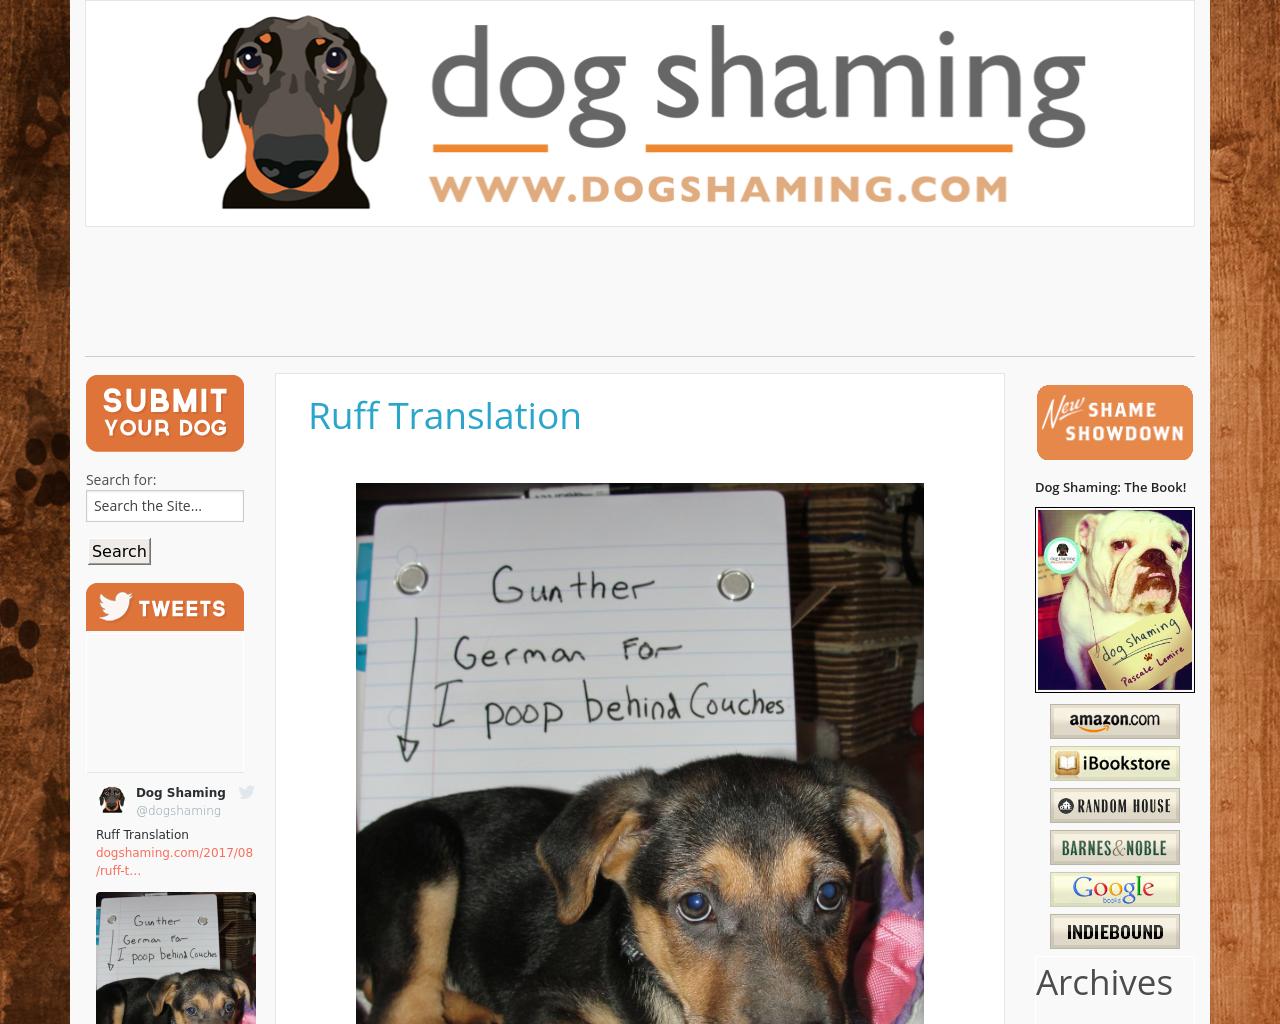 Dogshaming-Advertising-Reviews-Pricing